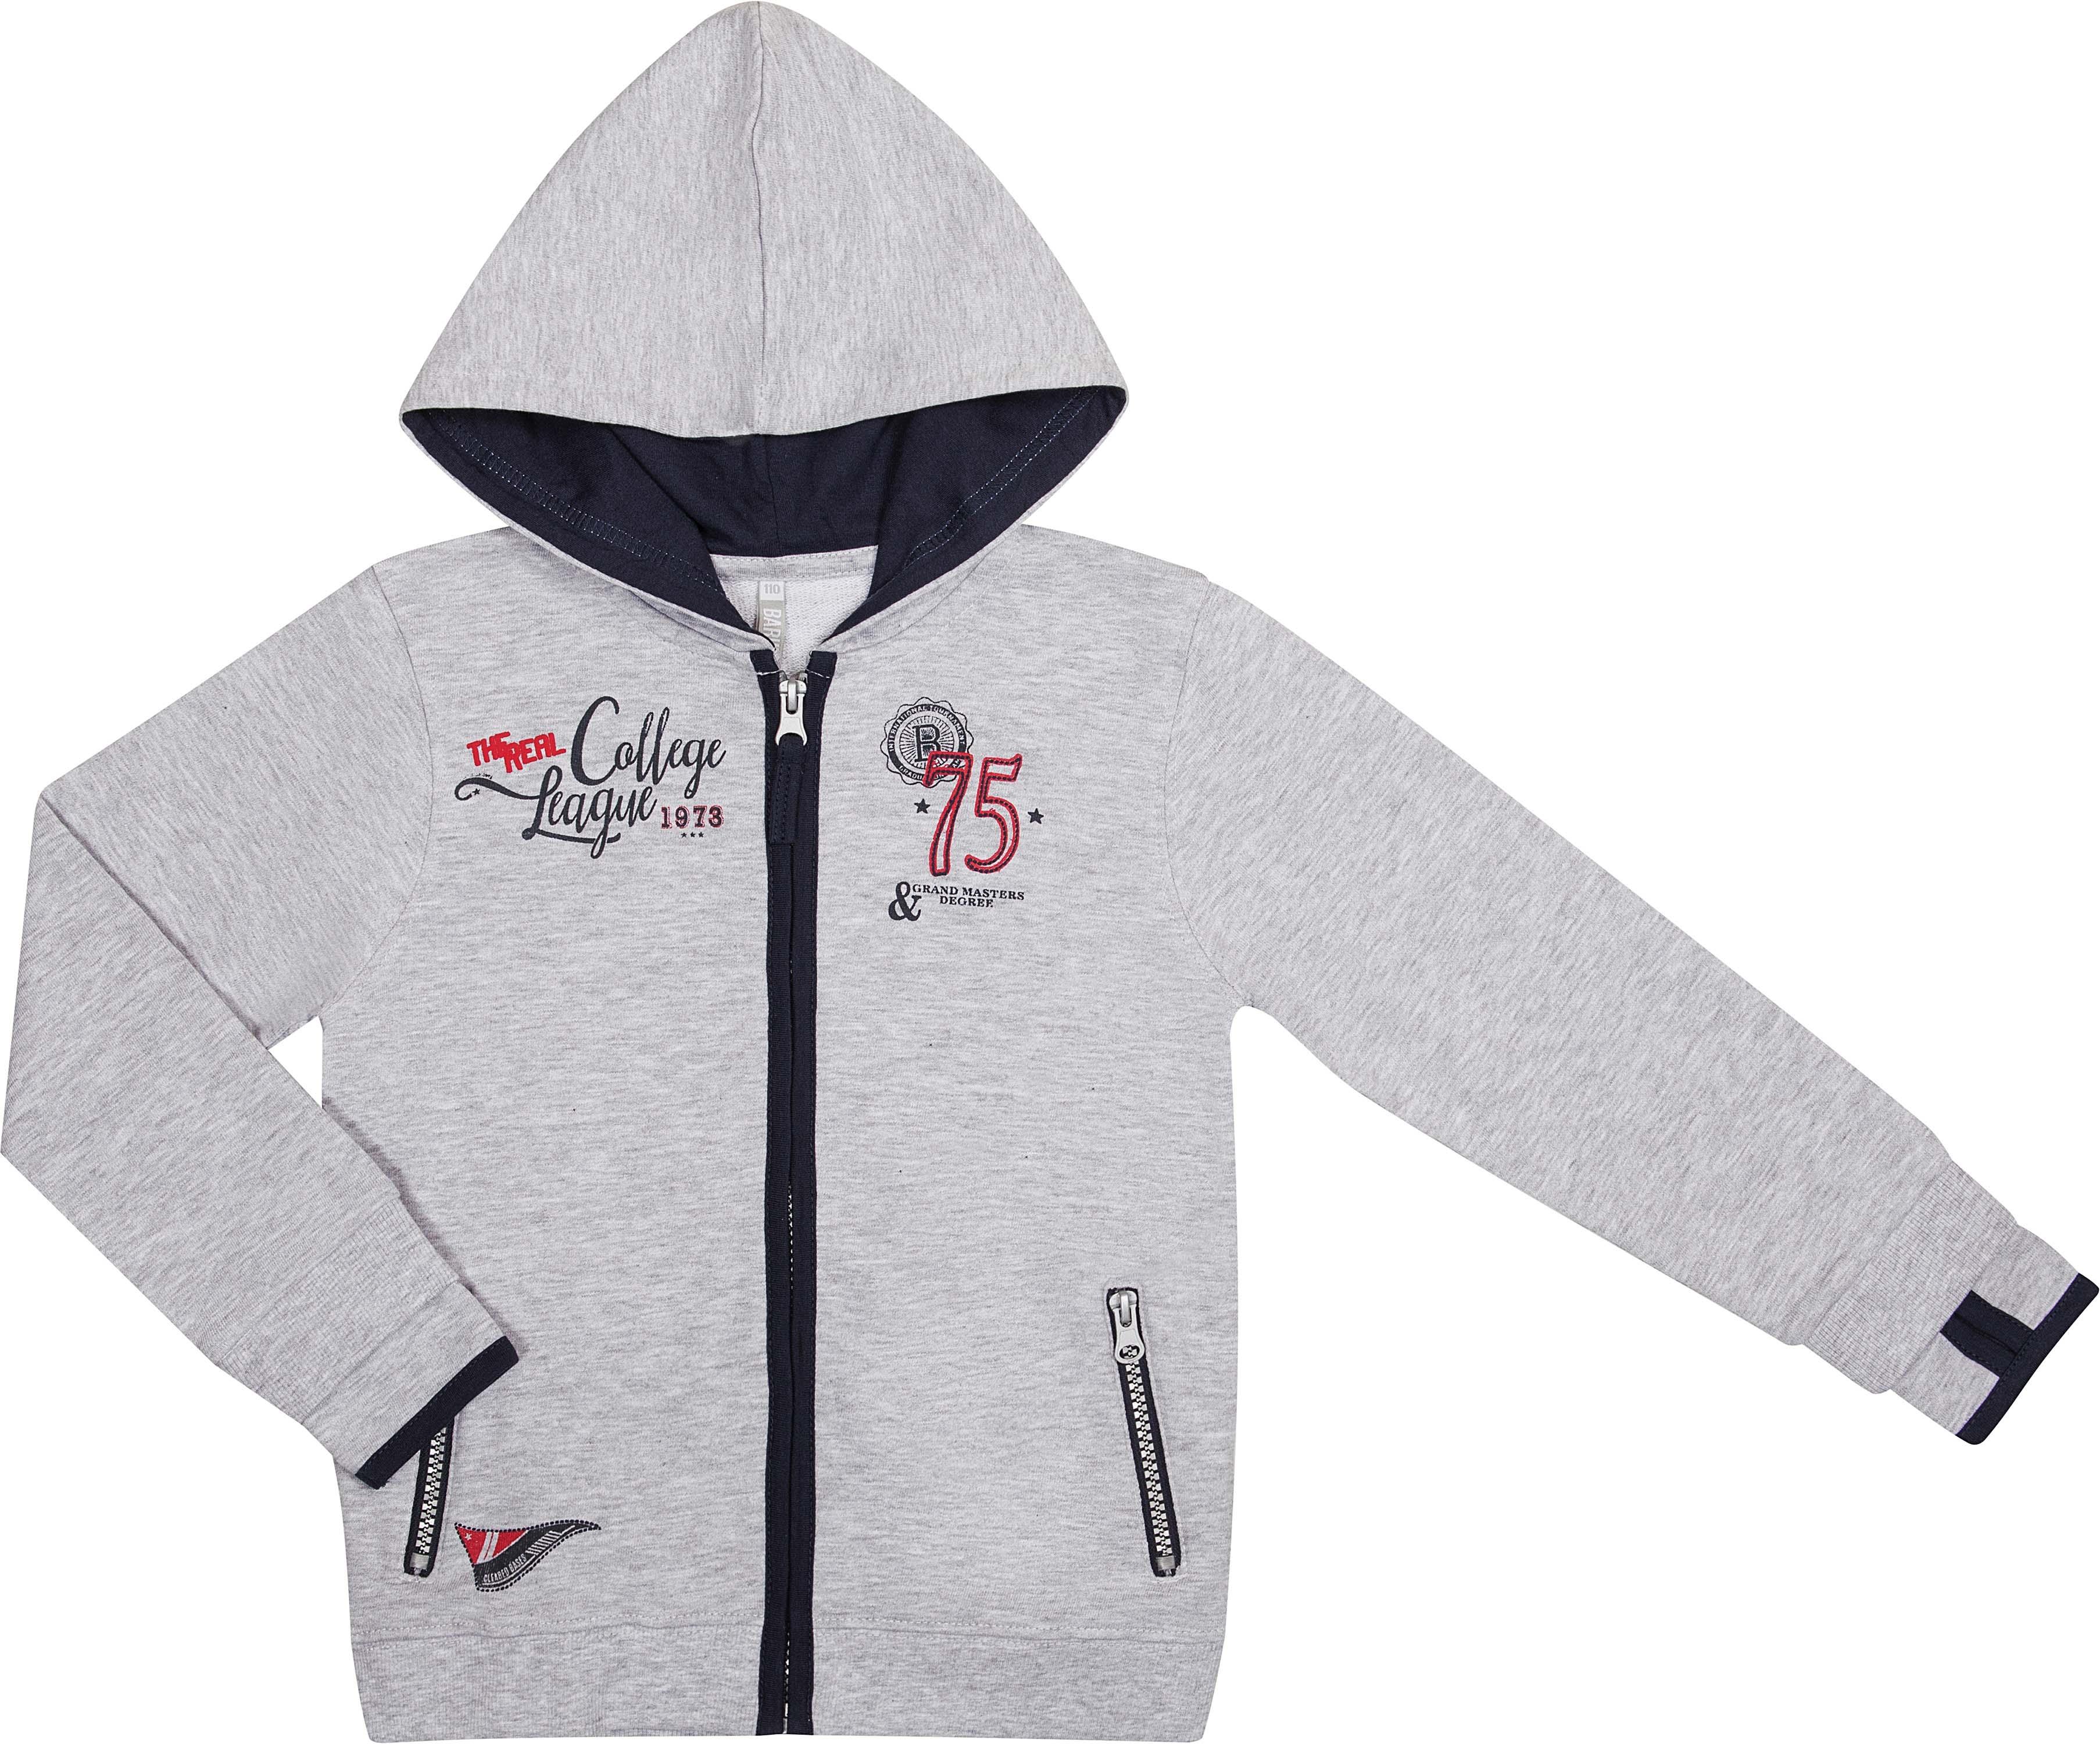 Купить Куртка, 817558 X920 75, Barkito, Германия, серый, основная ткань:95% Хлопок 5% Вискоза: подкладка капюшон 100% Хлопок, Мужской